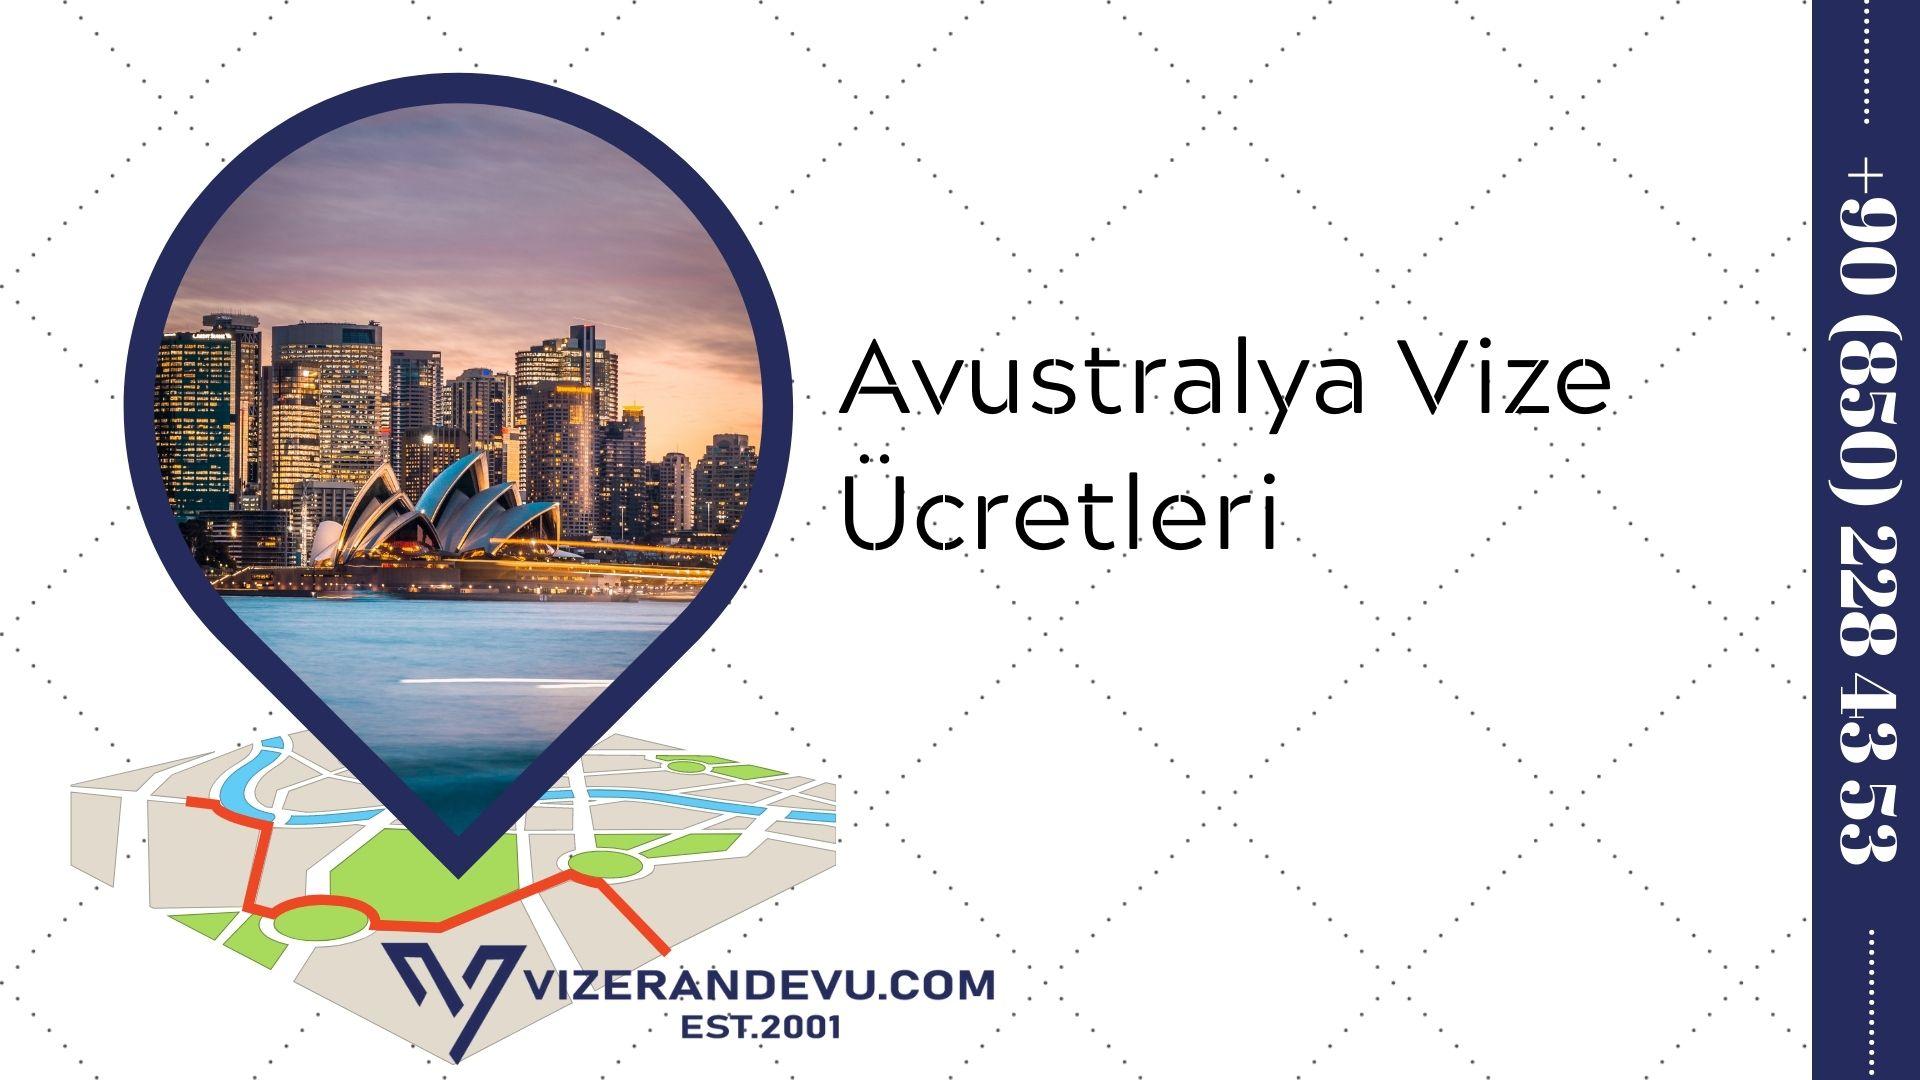 Avustralya Vize Ücretleri (2021)